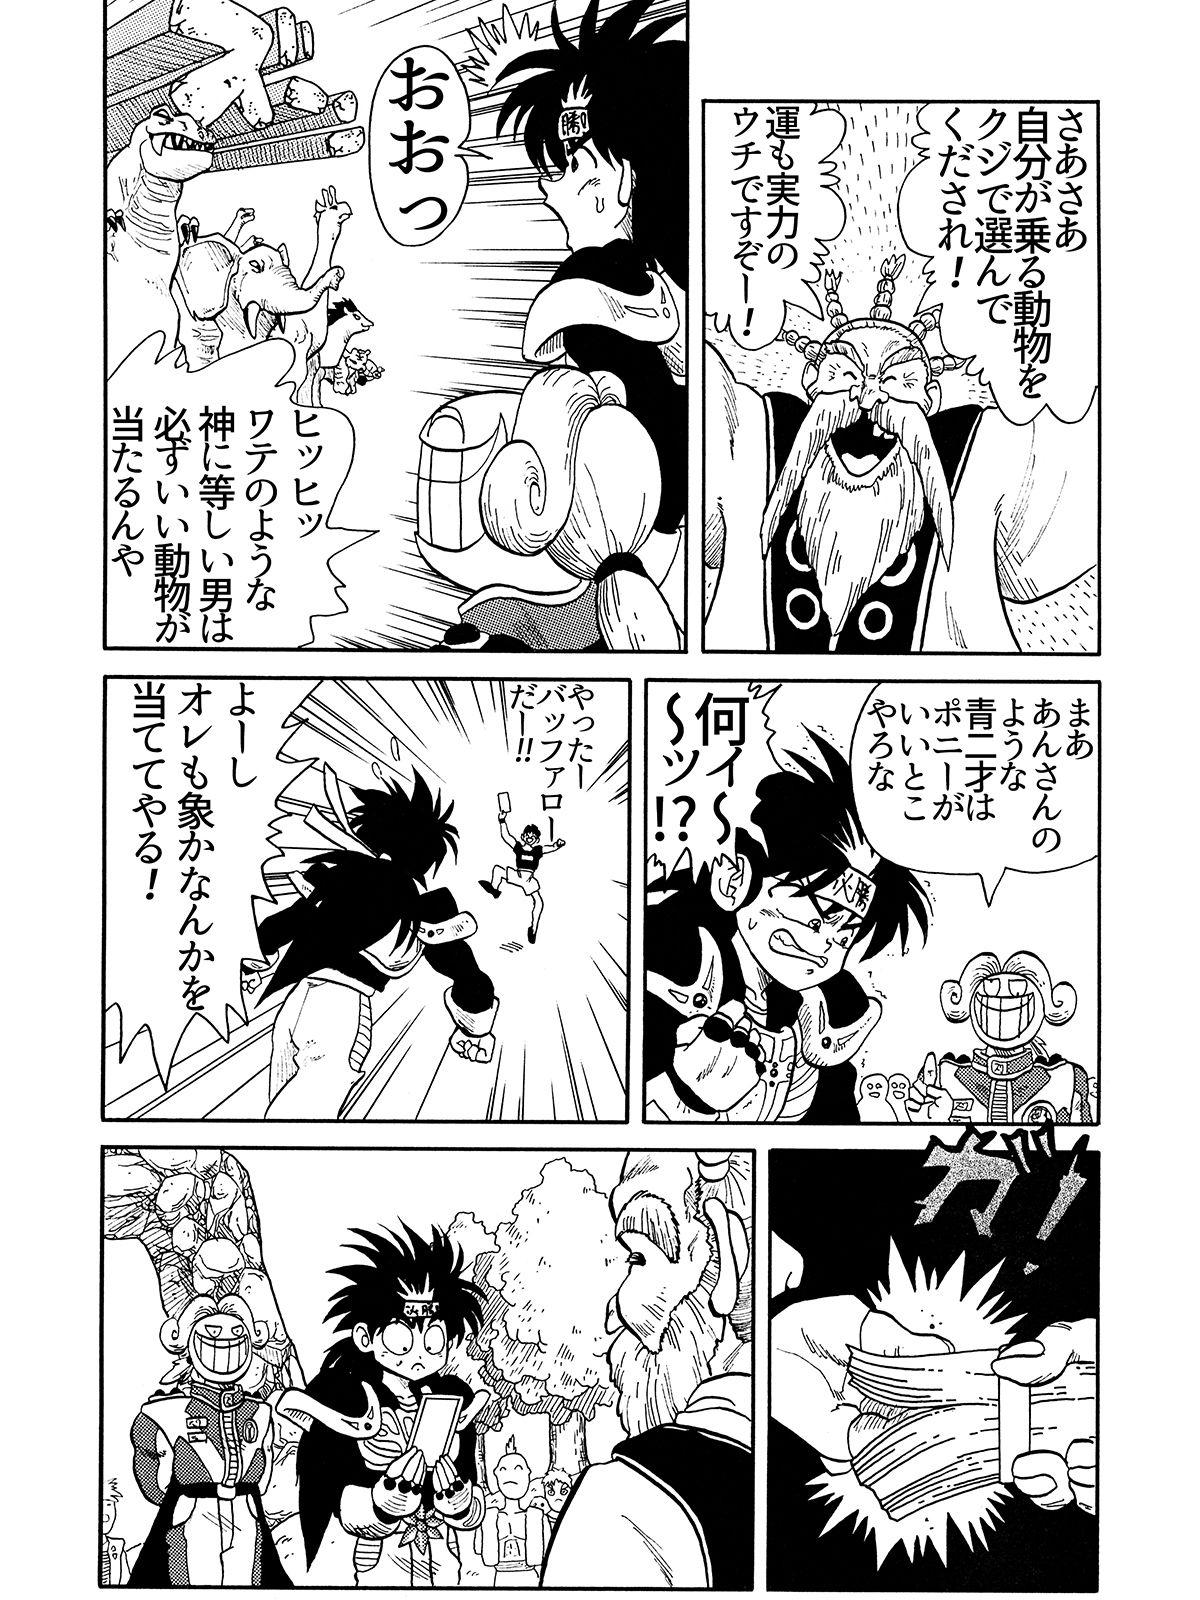 パラのギャグ漫画2+1